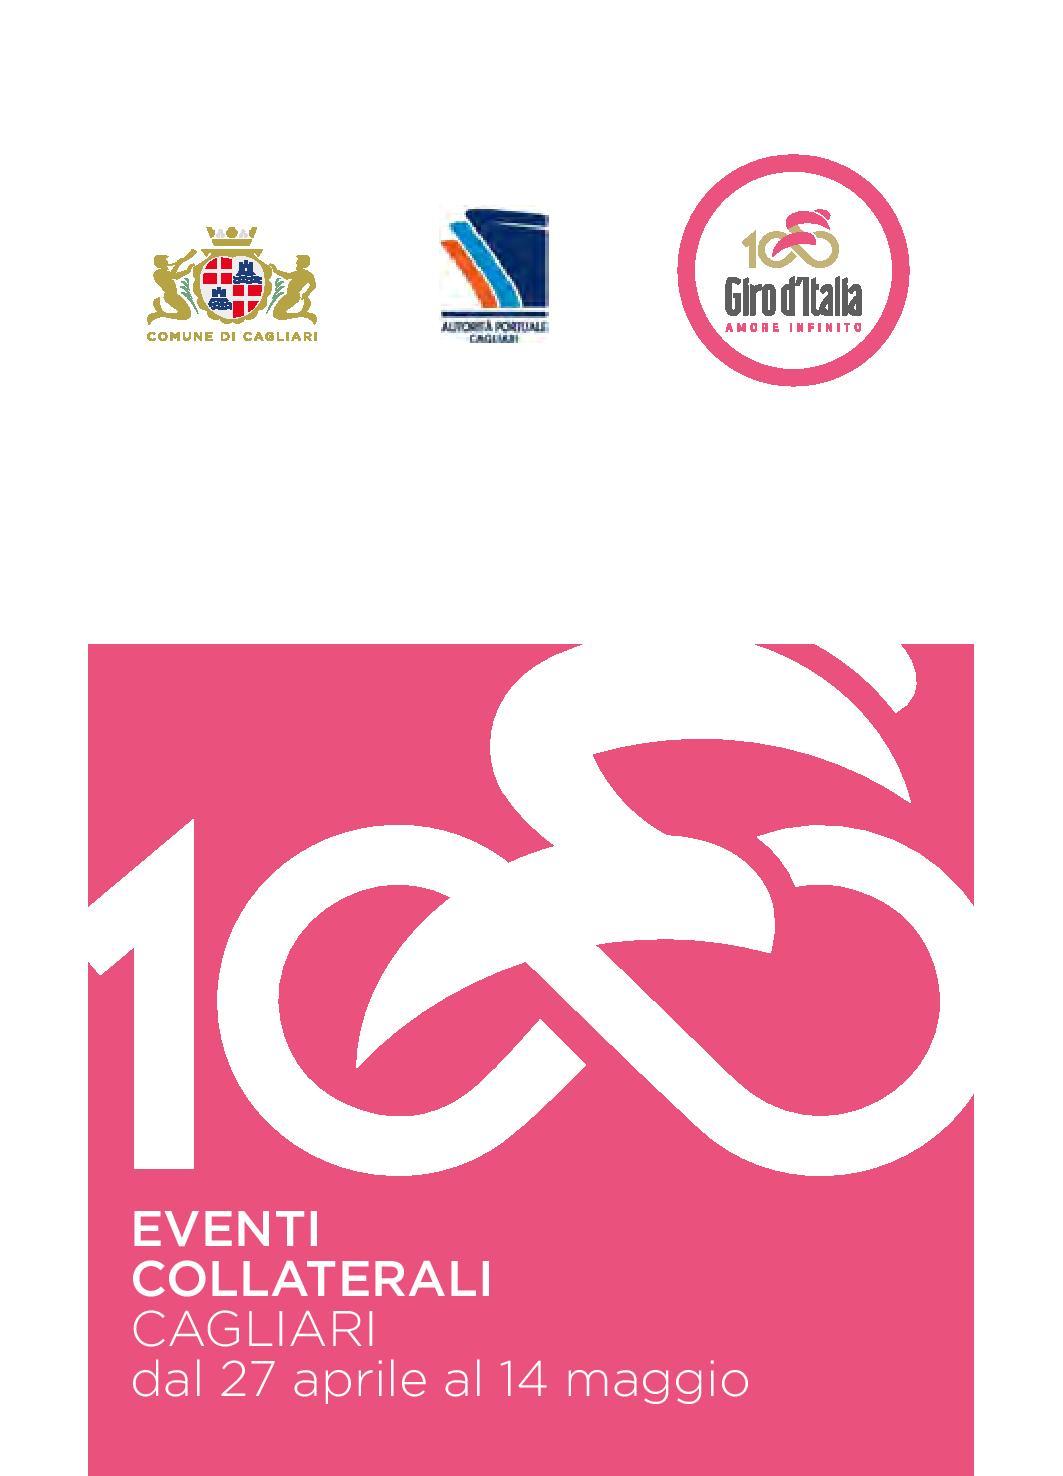 Programma eevnti collatterali Cagliari-page-001